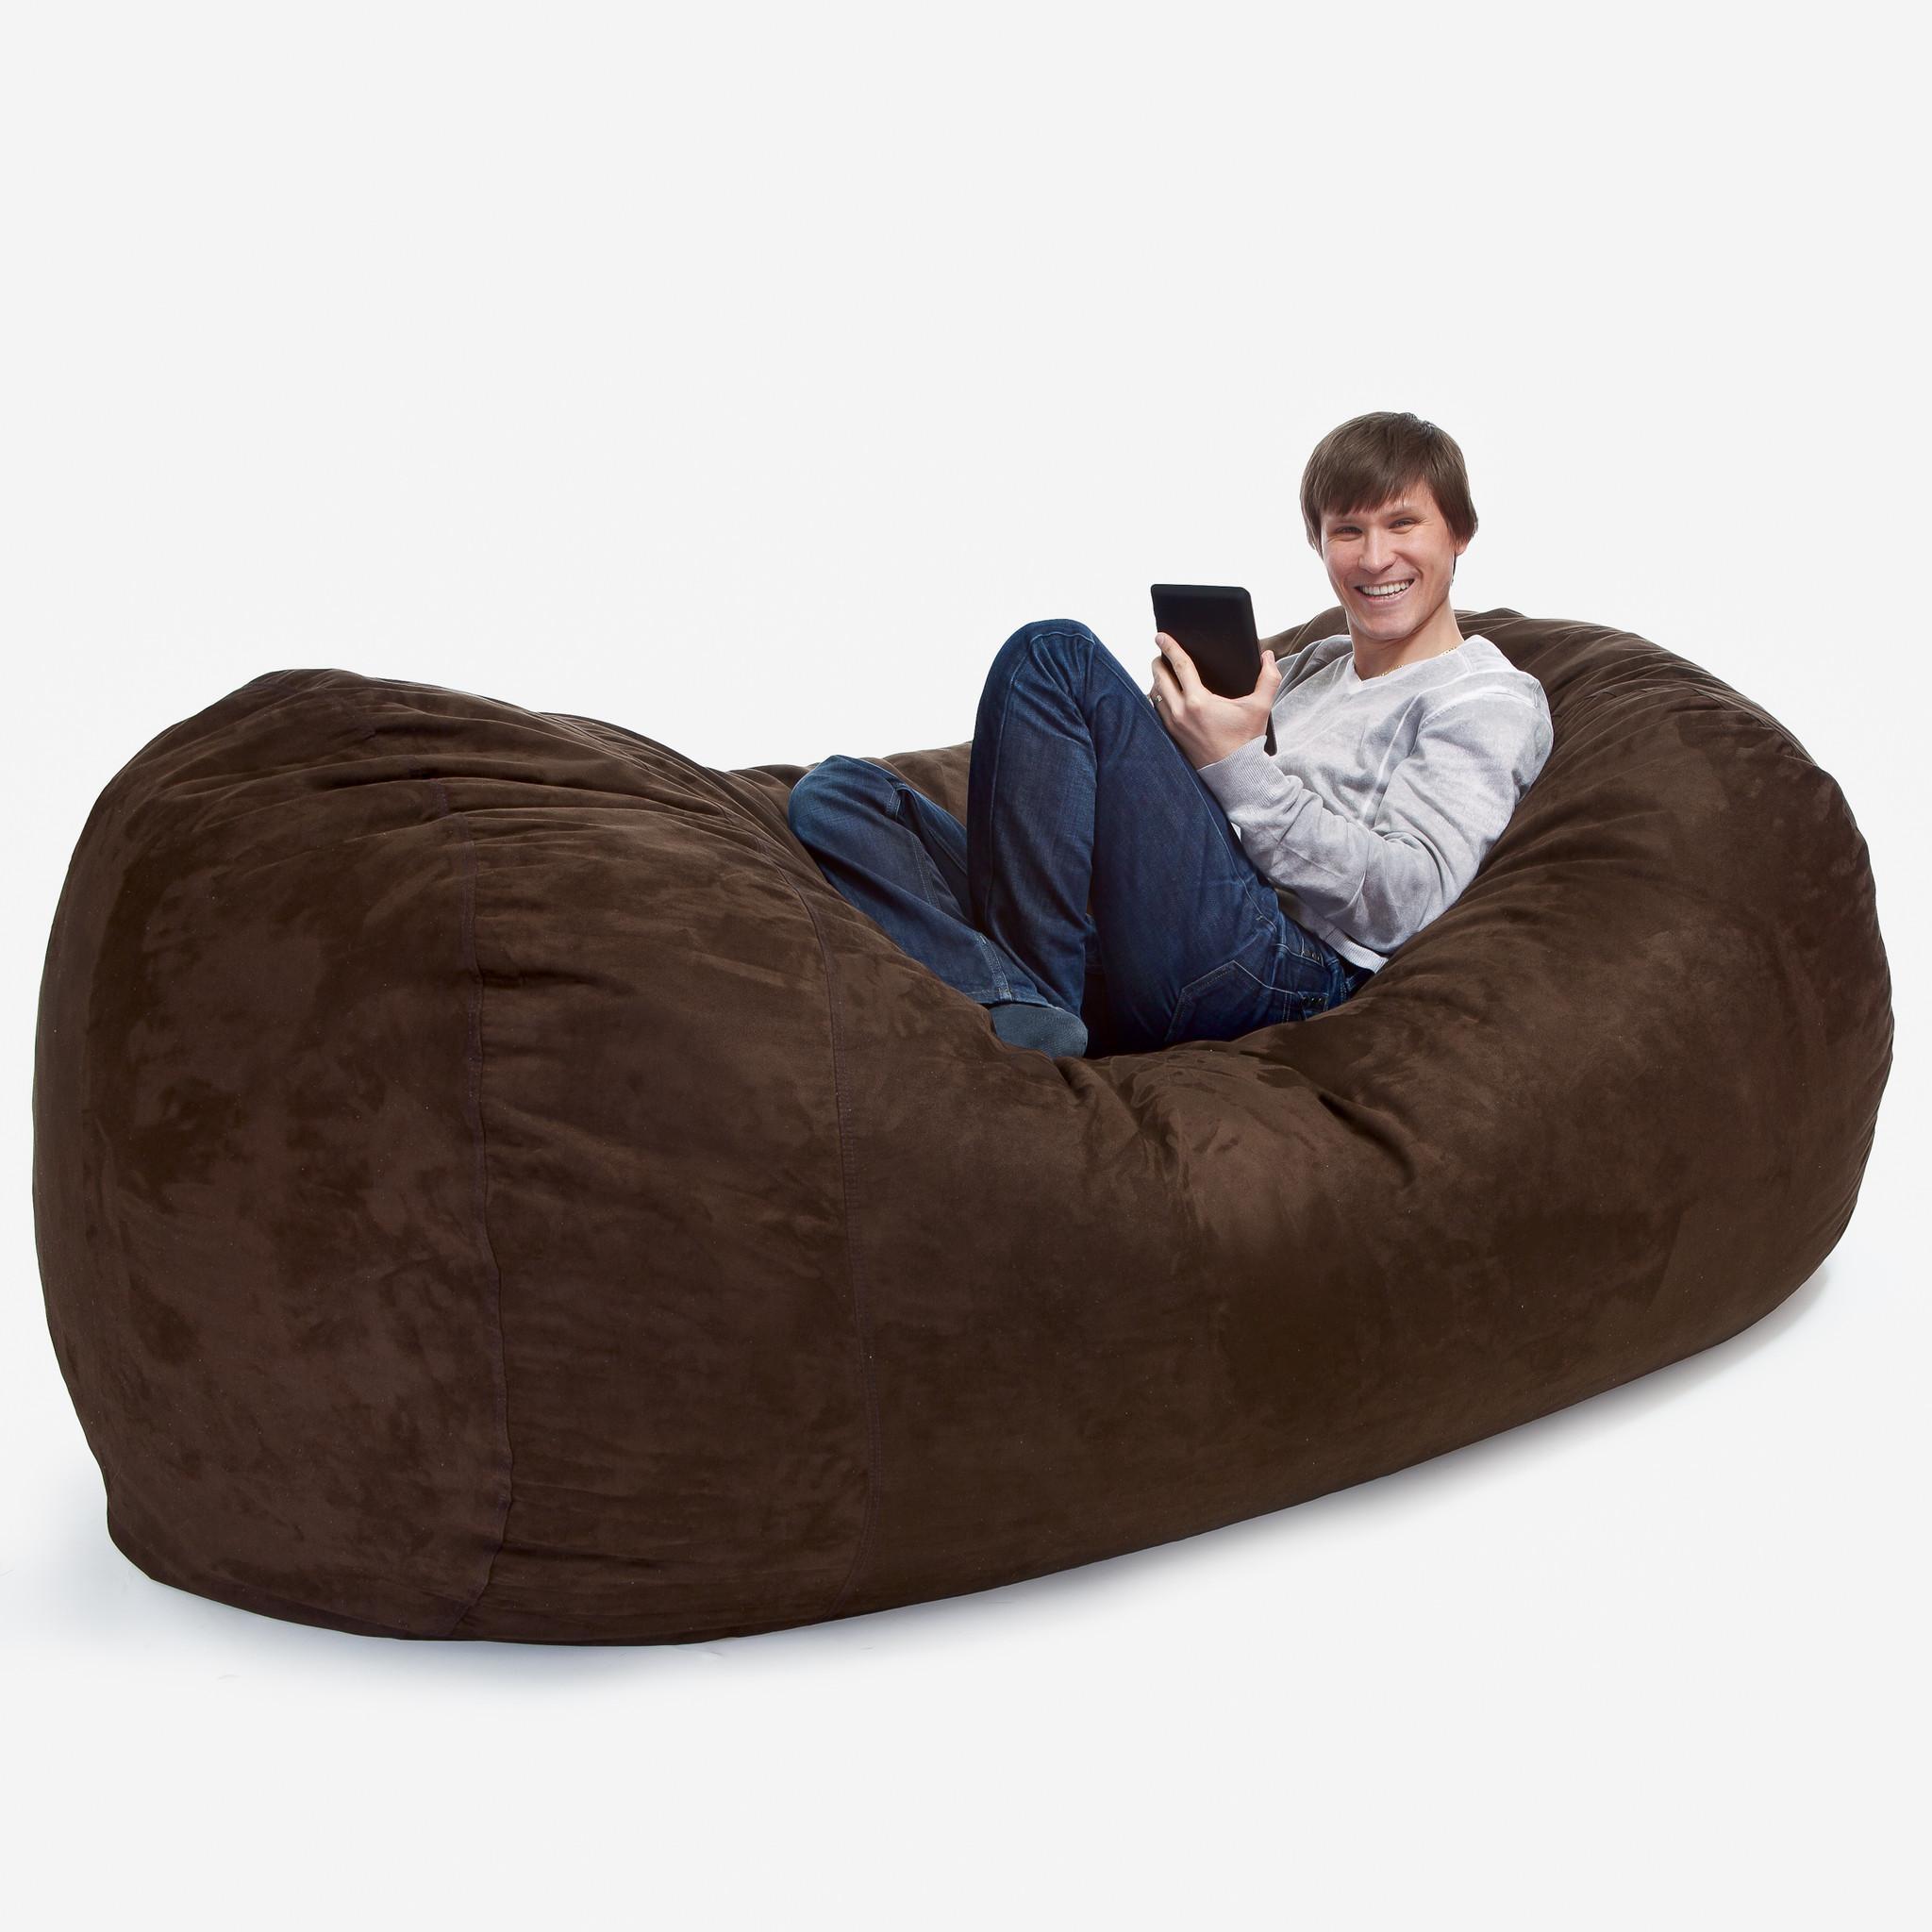 avengers bean bag chair wheelchair gst rate 20 top sofa chairs ideas